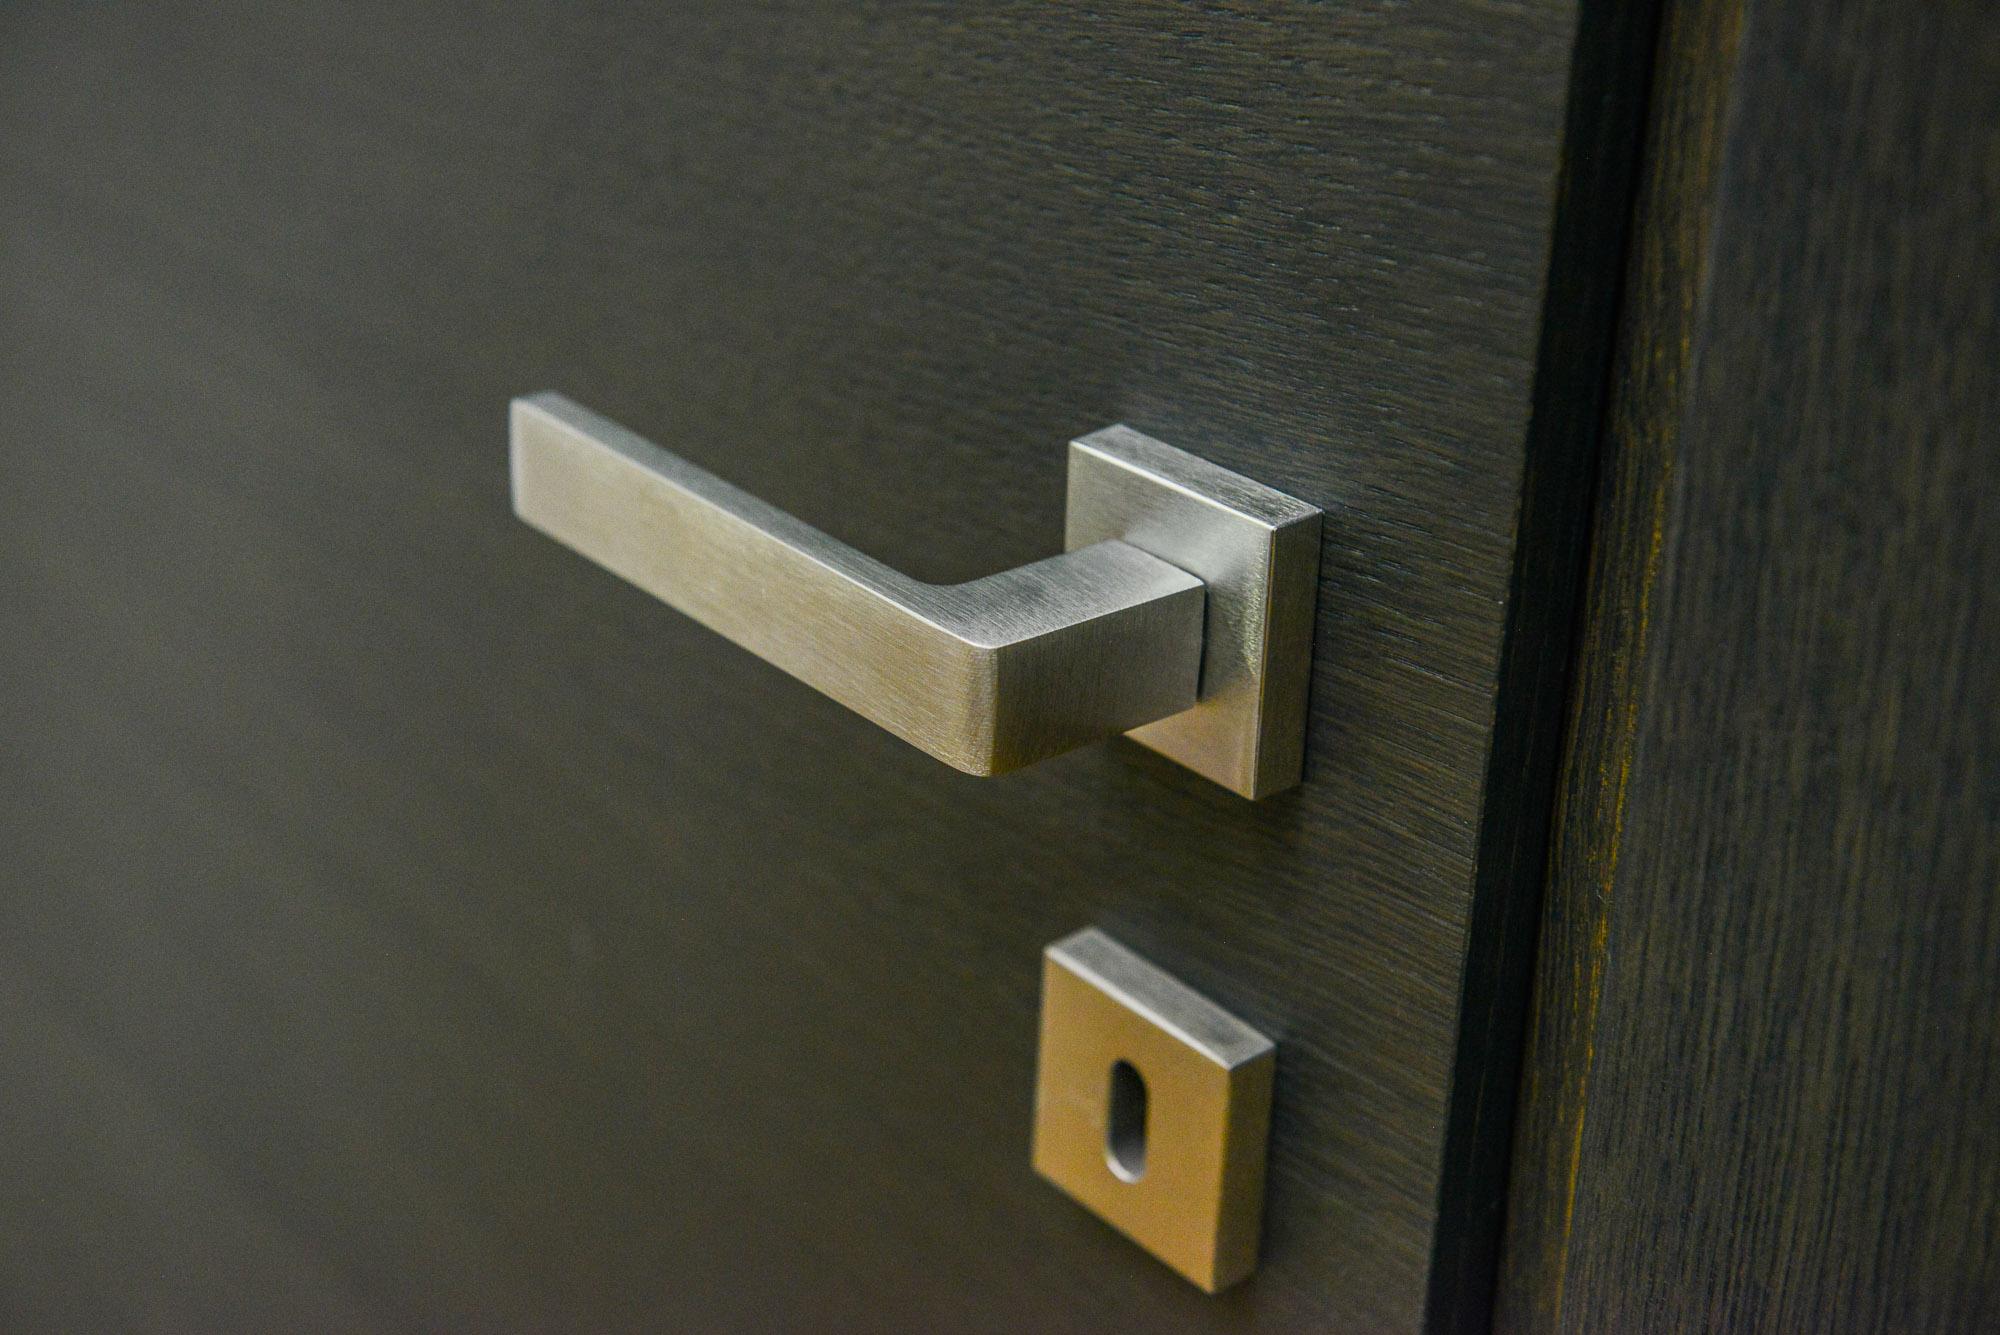 Dettaglio porta di legno e maniglia